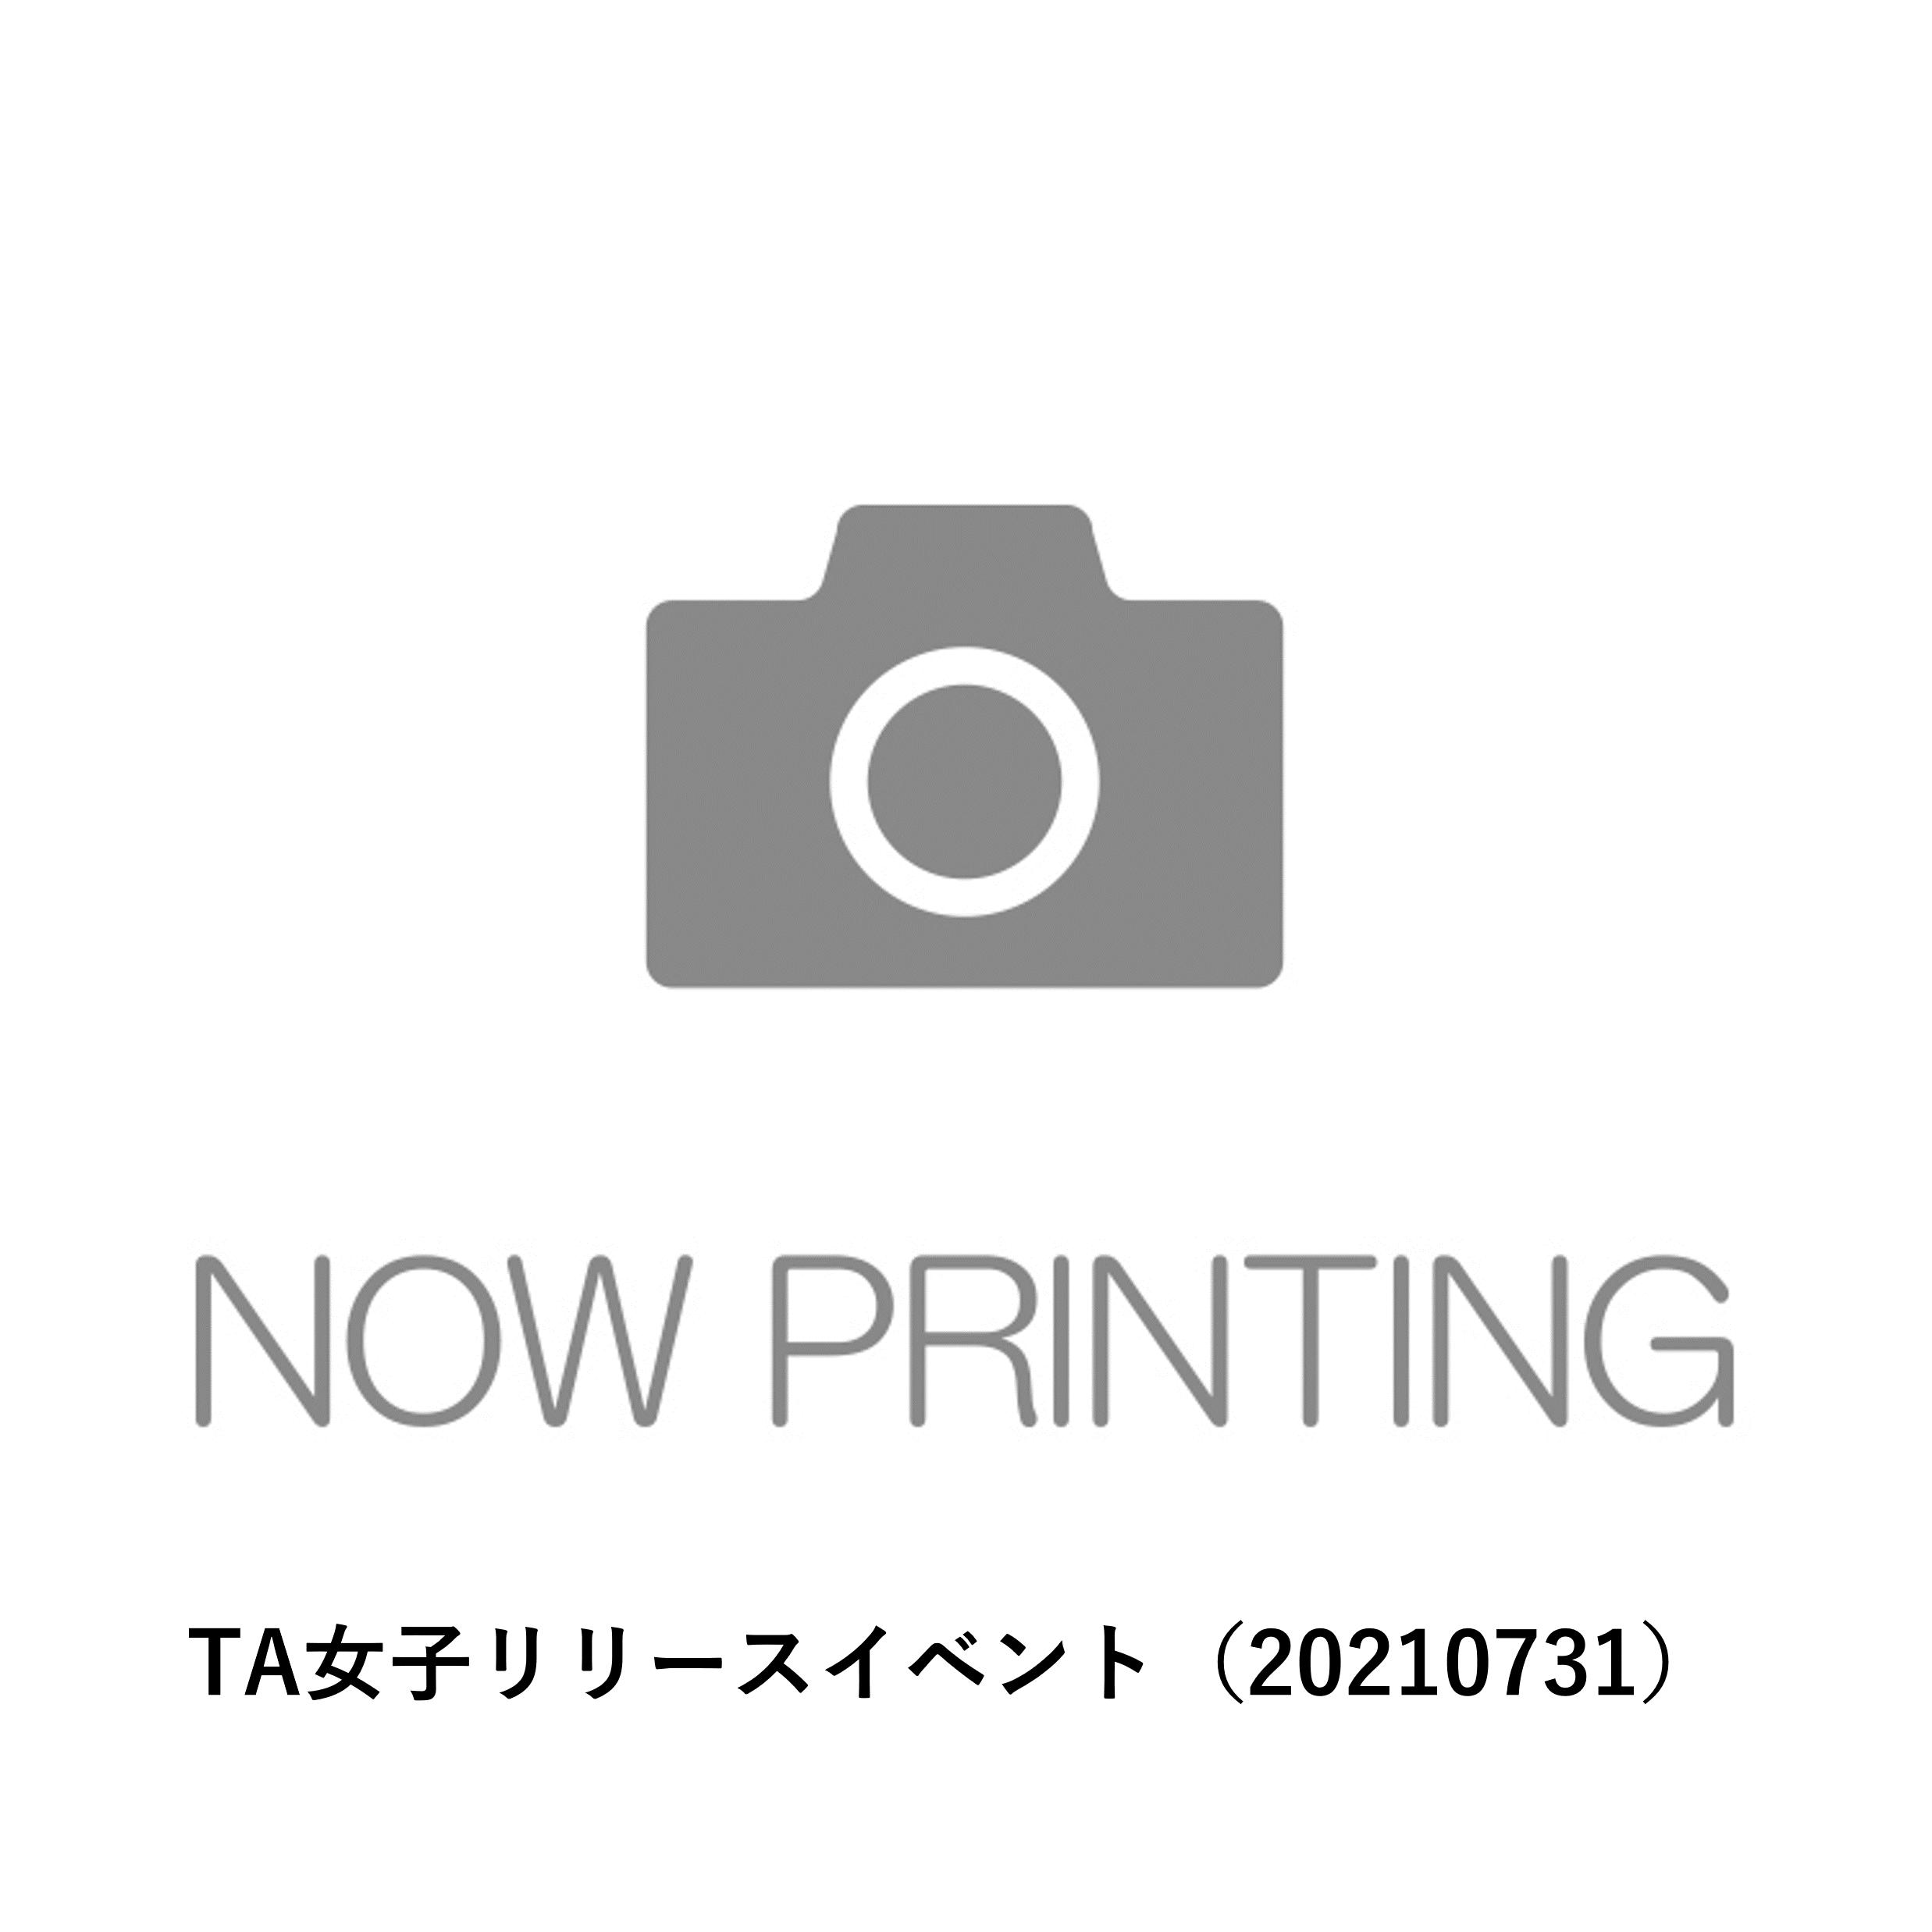 【リリースイベント商品】TA女子「明日に繋げサヨナラ」「Crazy Sunlize」(20210731)